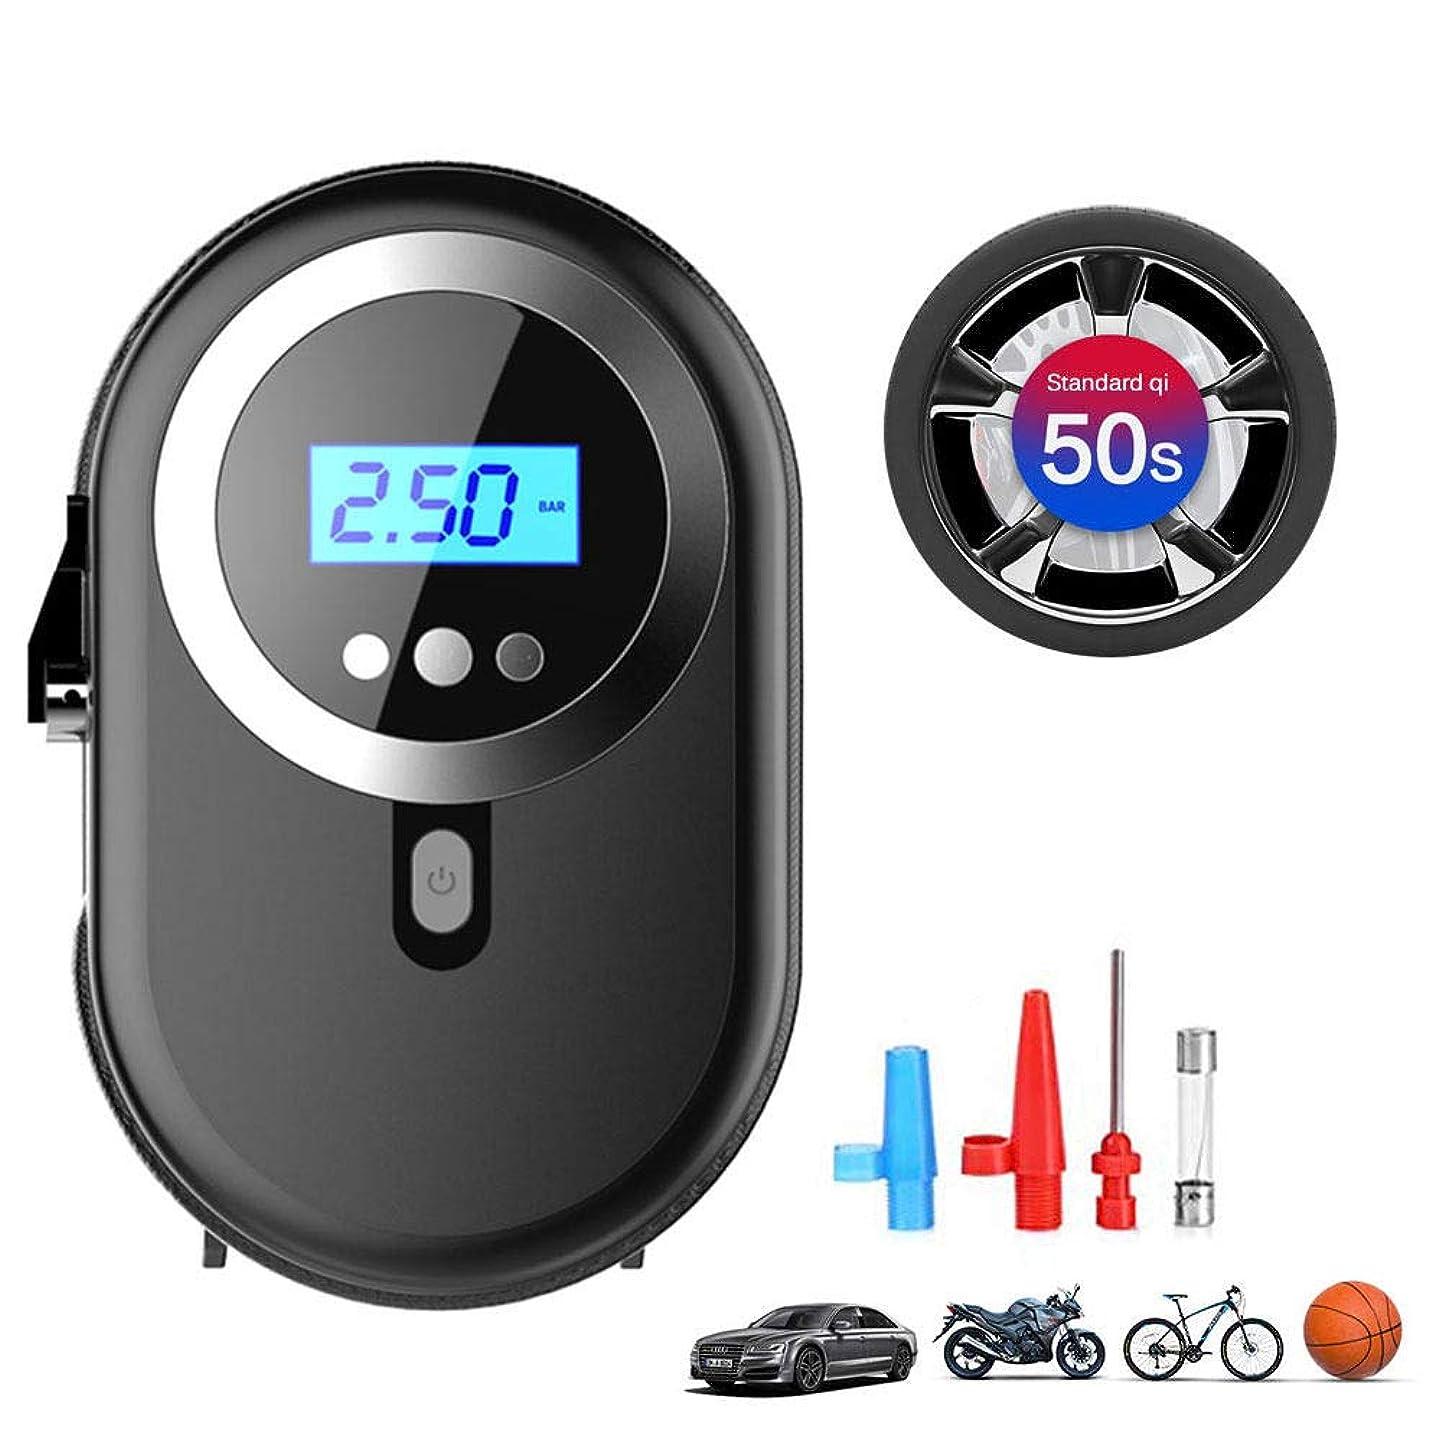 ファイタージェットペン携帯用タイヤの空気圧縮機、車、自転車、オートバイ、バスケットボールのための12V 120W車のタイヤのインフレーター